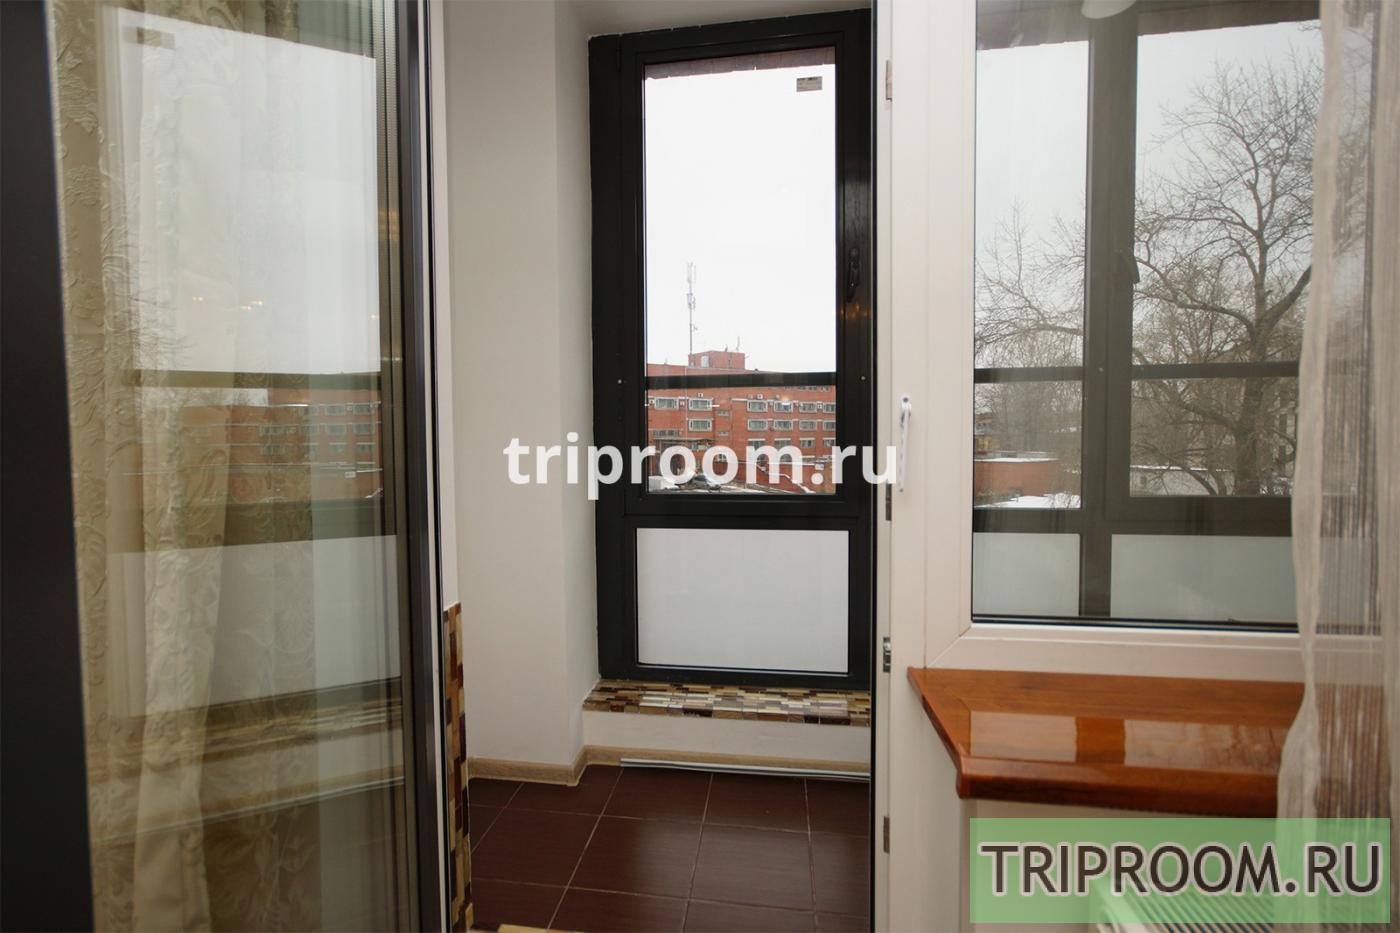 1-комнатная квартира посуточно (вариант № 17278), ул. Полтавский проезд, фото № 7